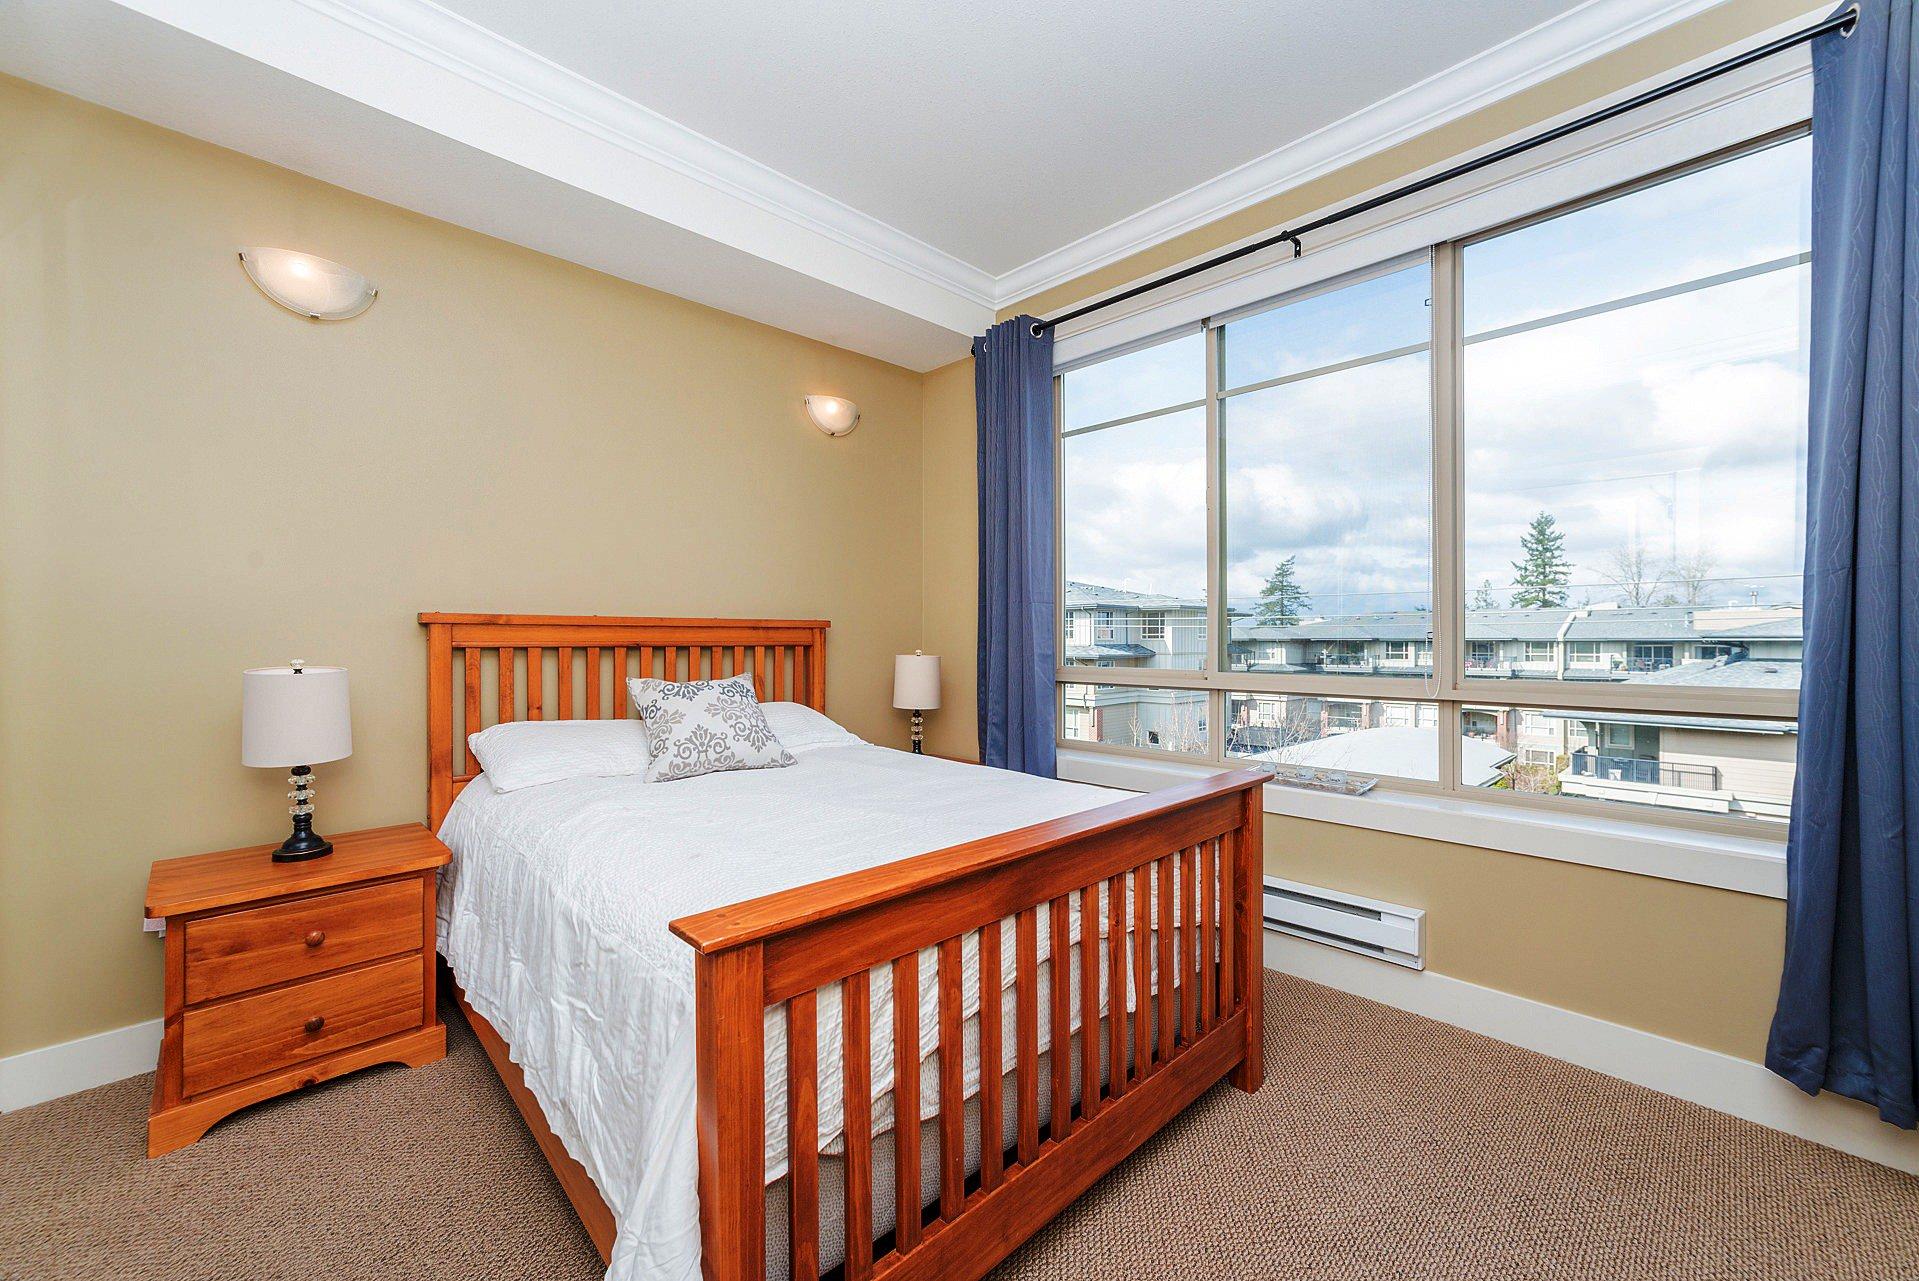 """Photo 20: Photos: 408 15368 17A Avenue in Surrey: King George Corridor Condo for sale in """"OCEAN WYNDE"""" (South Surrey White Rock)  : MLS®# R2249492"""